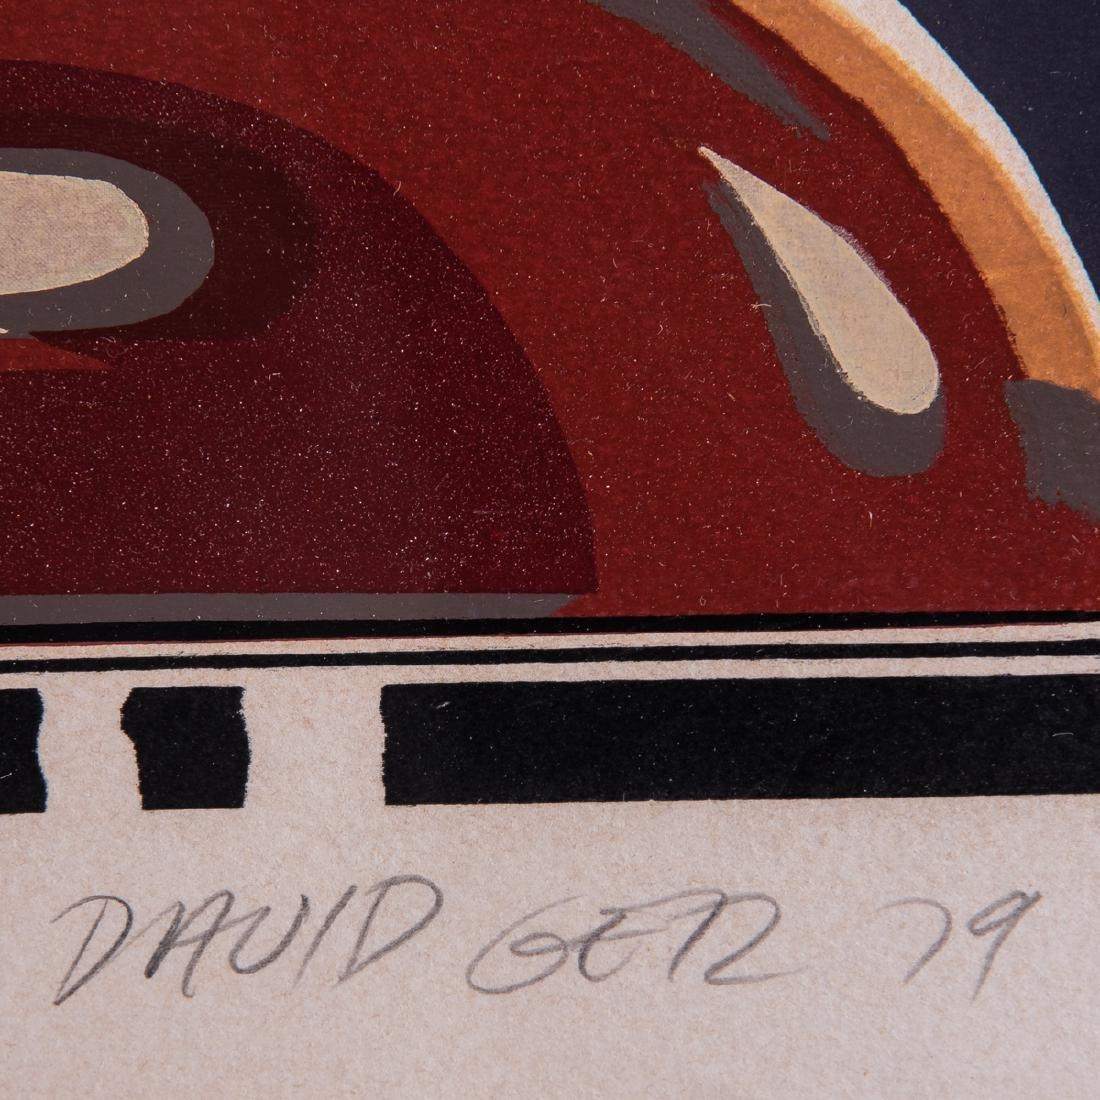 David Getz (b. 1940) Made to Cast, Silkscreen in - 5